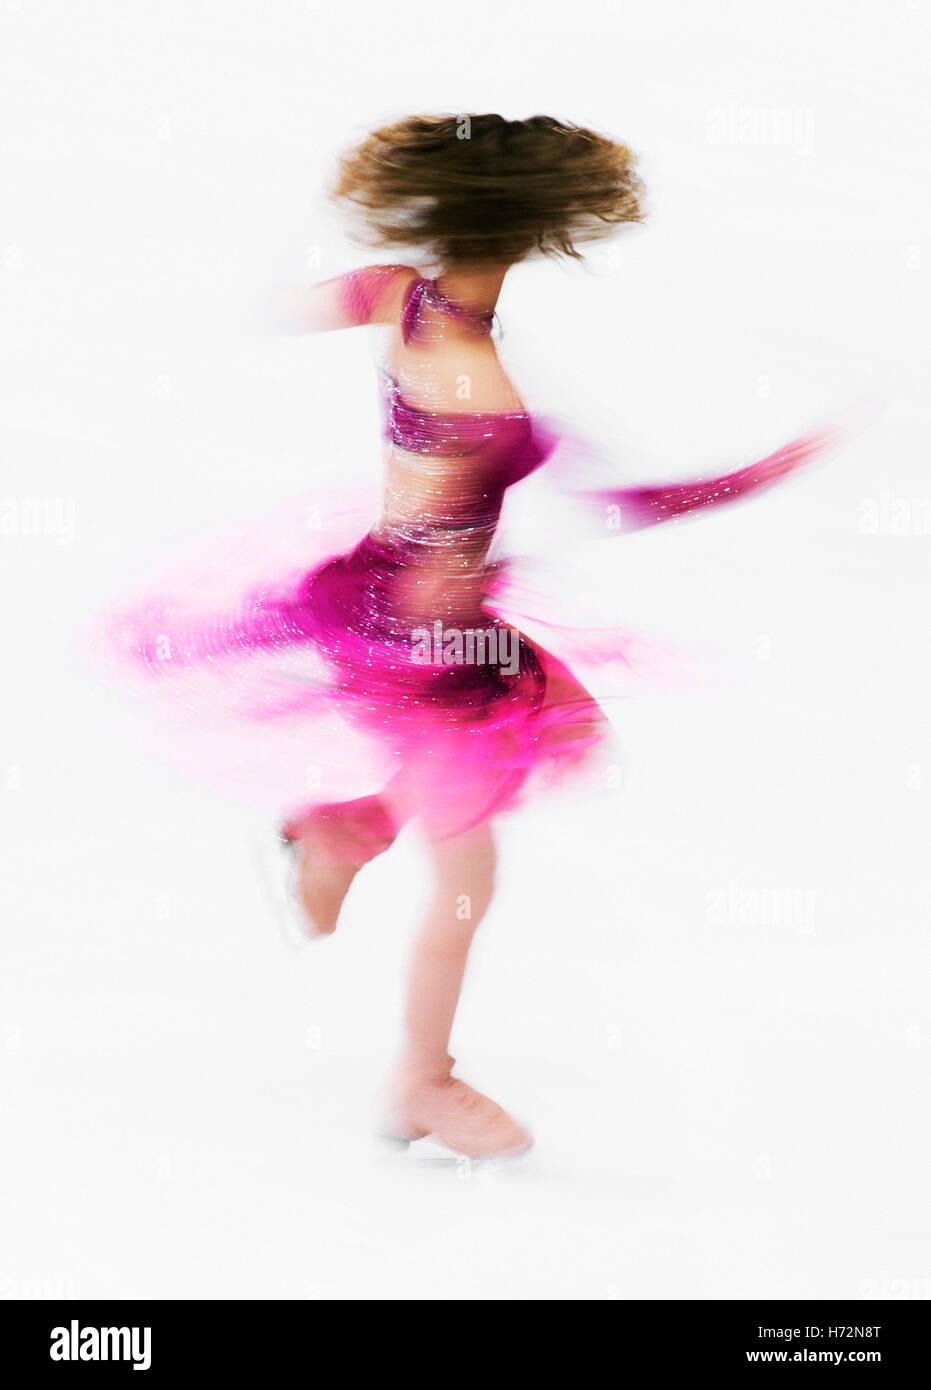 Figure skater - Stock Image